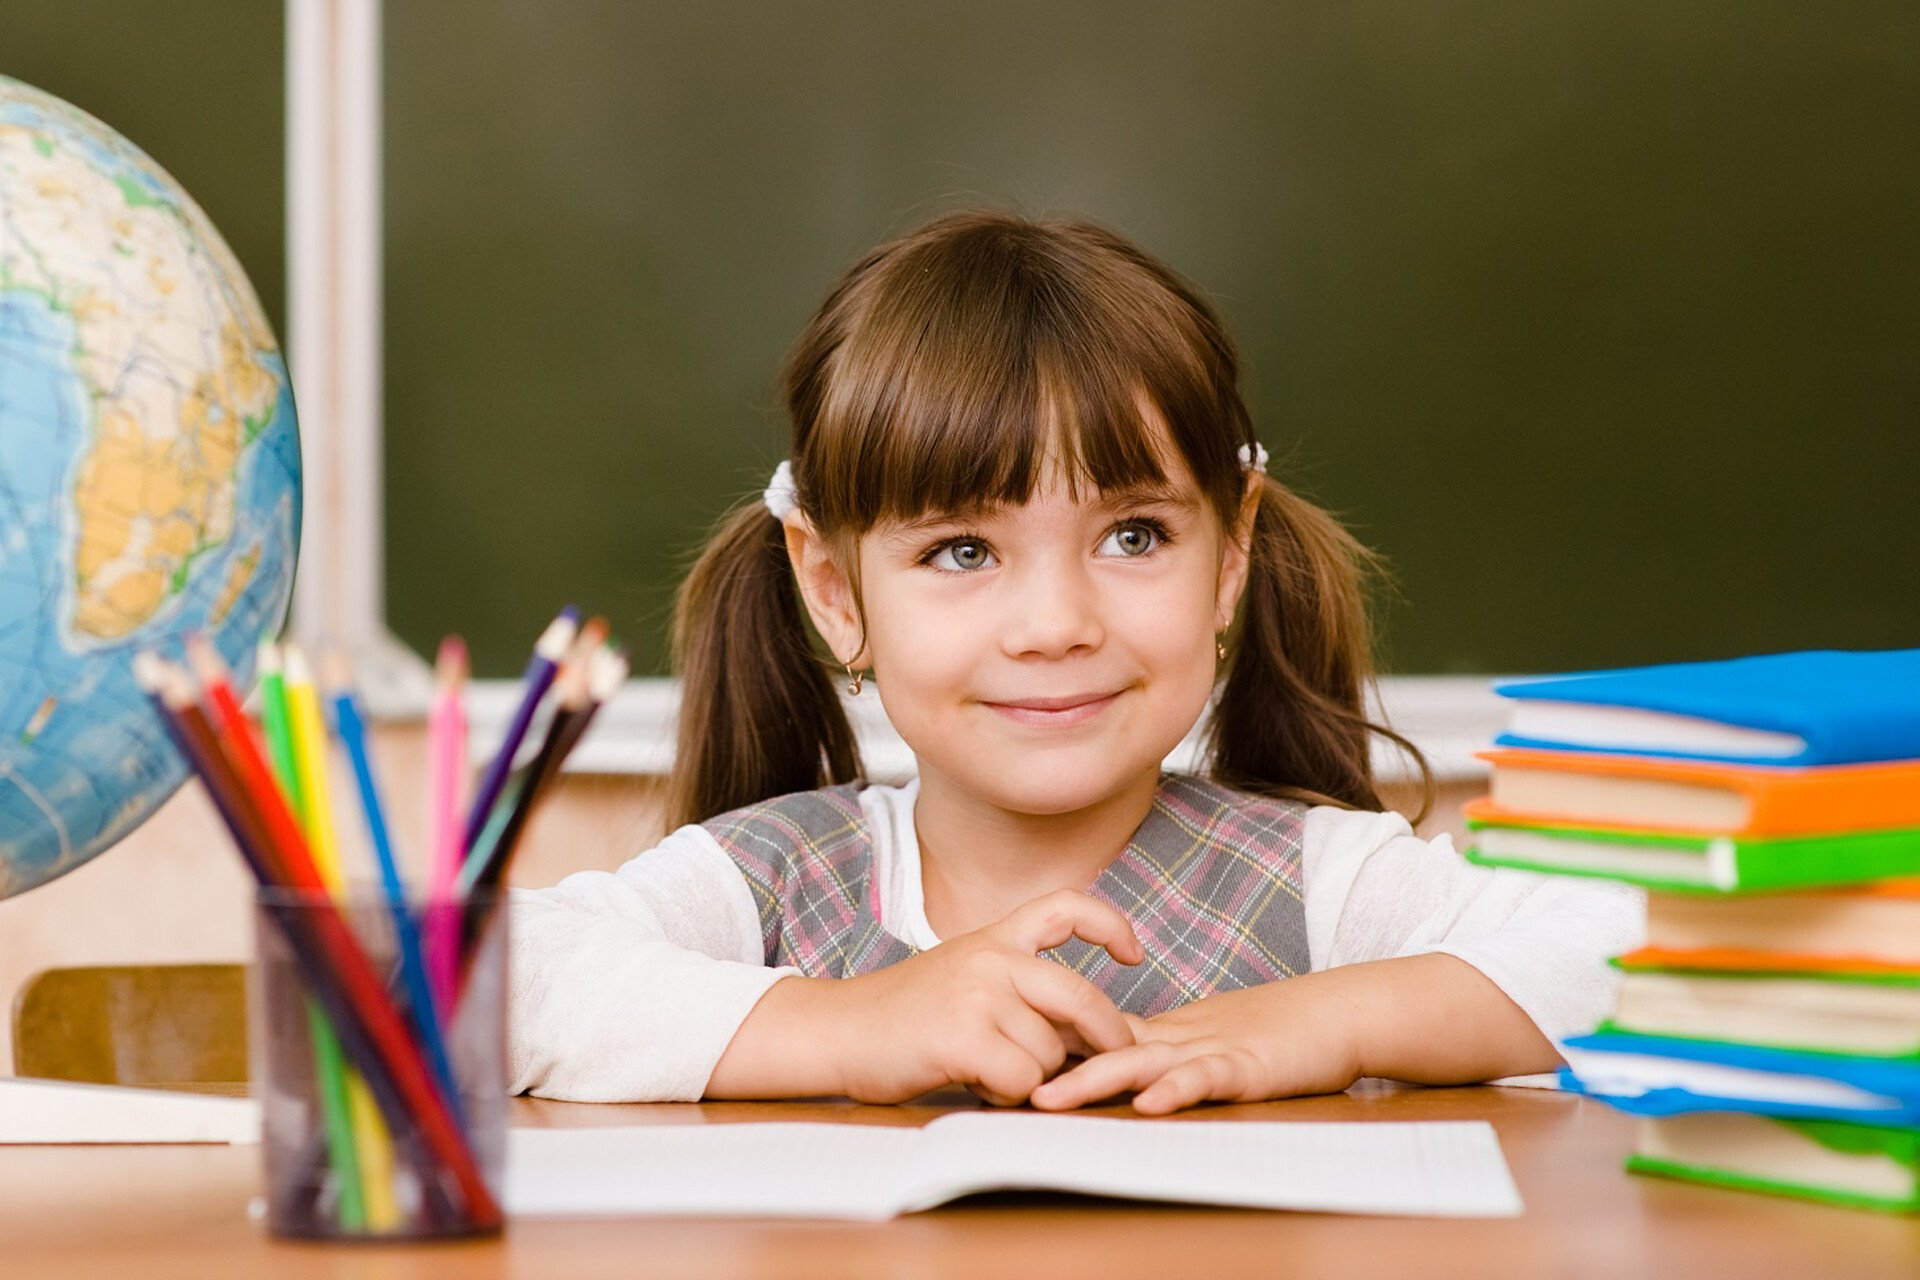 Произношение звуков у детей 5-6 лет